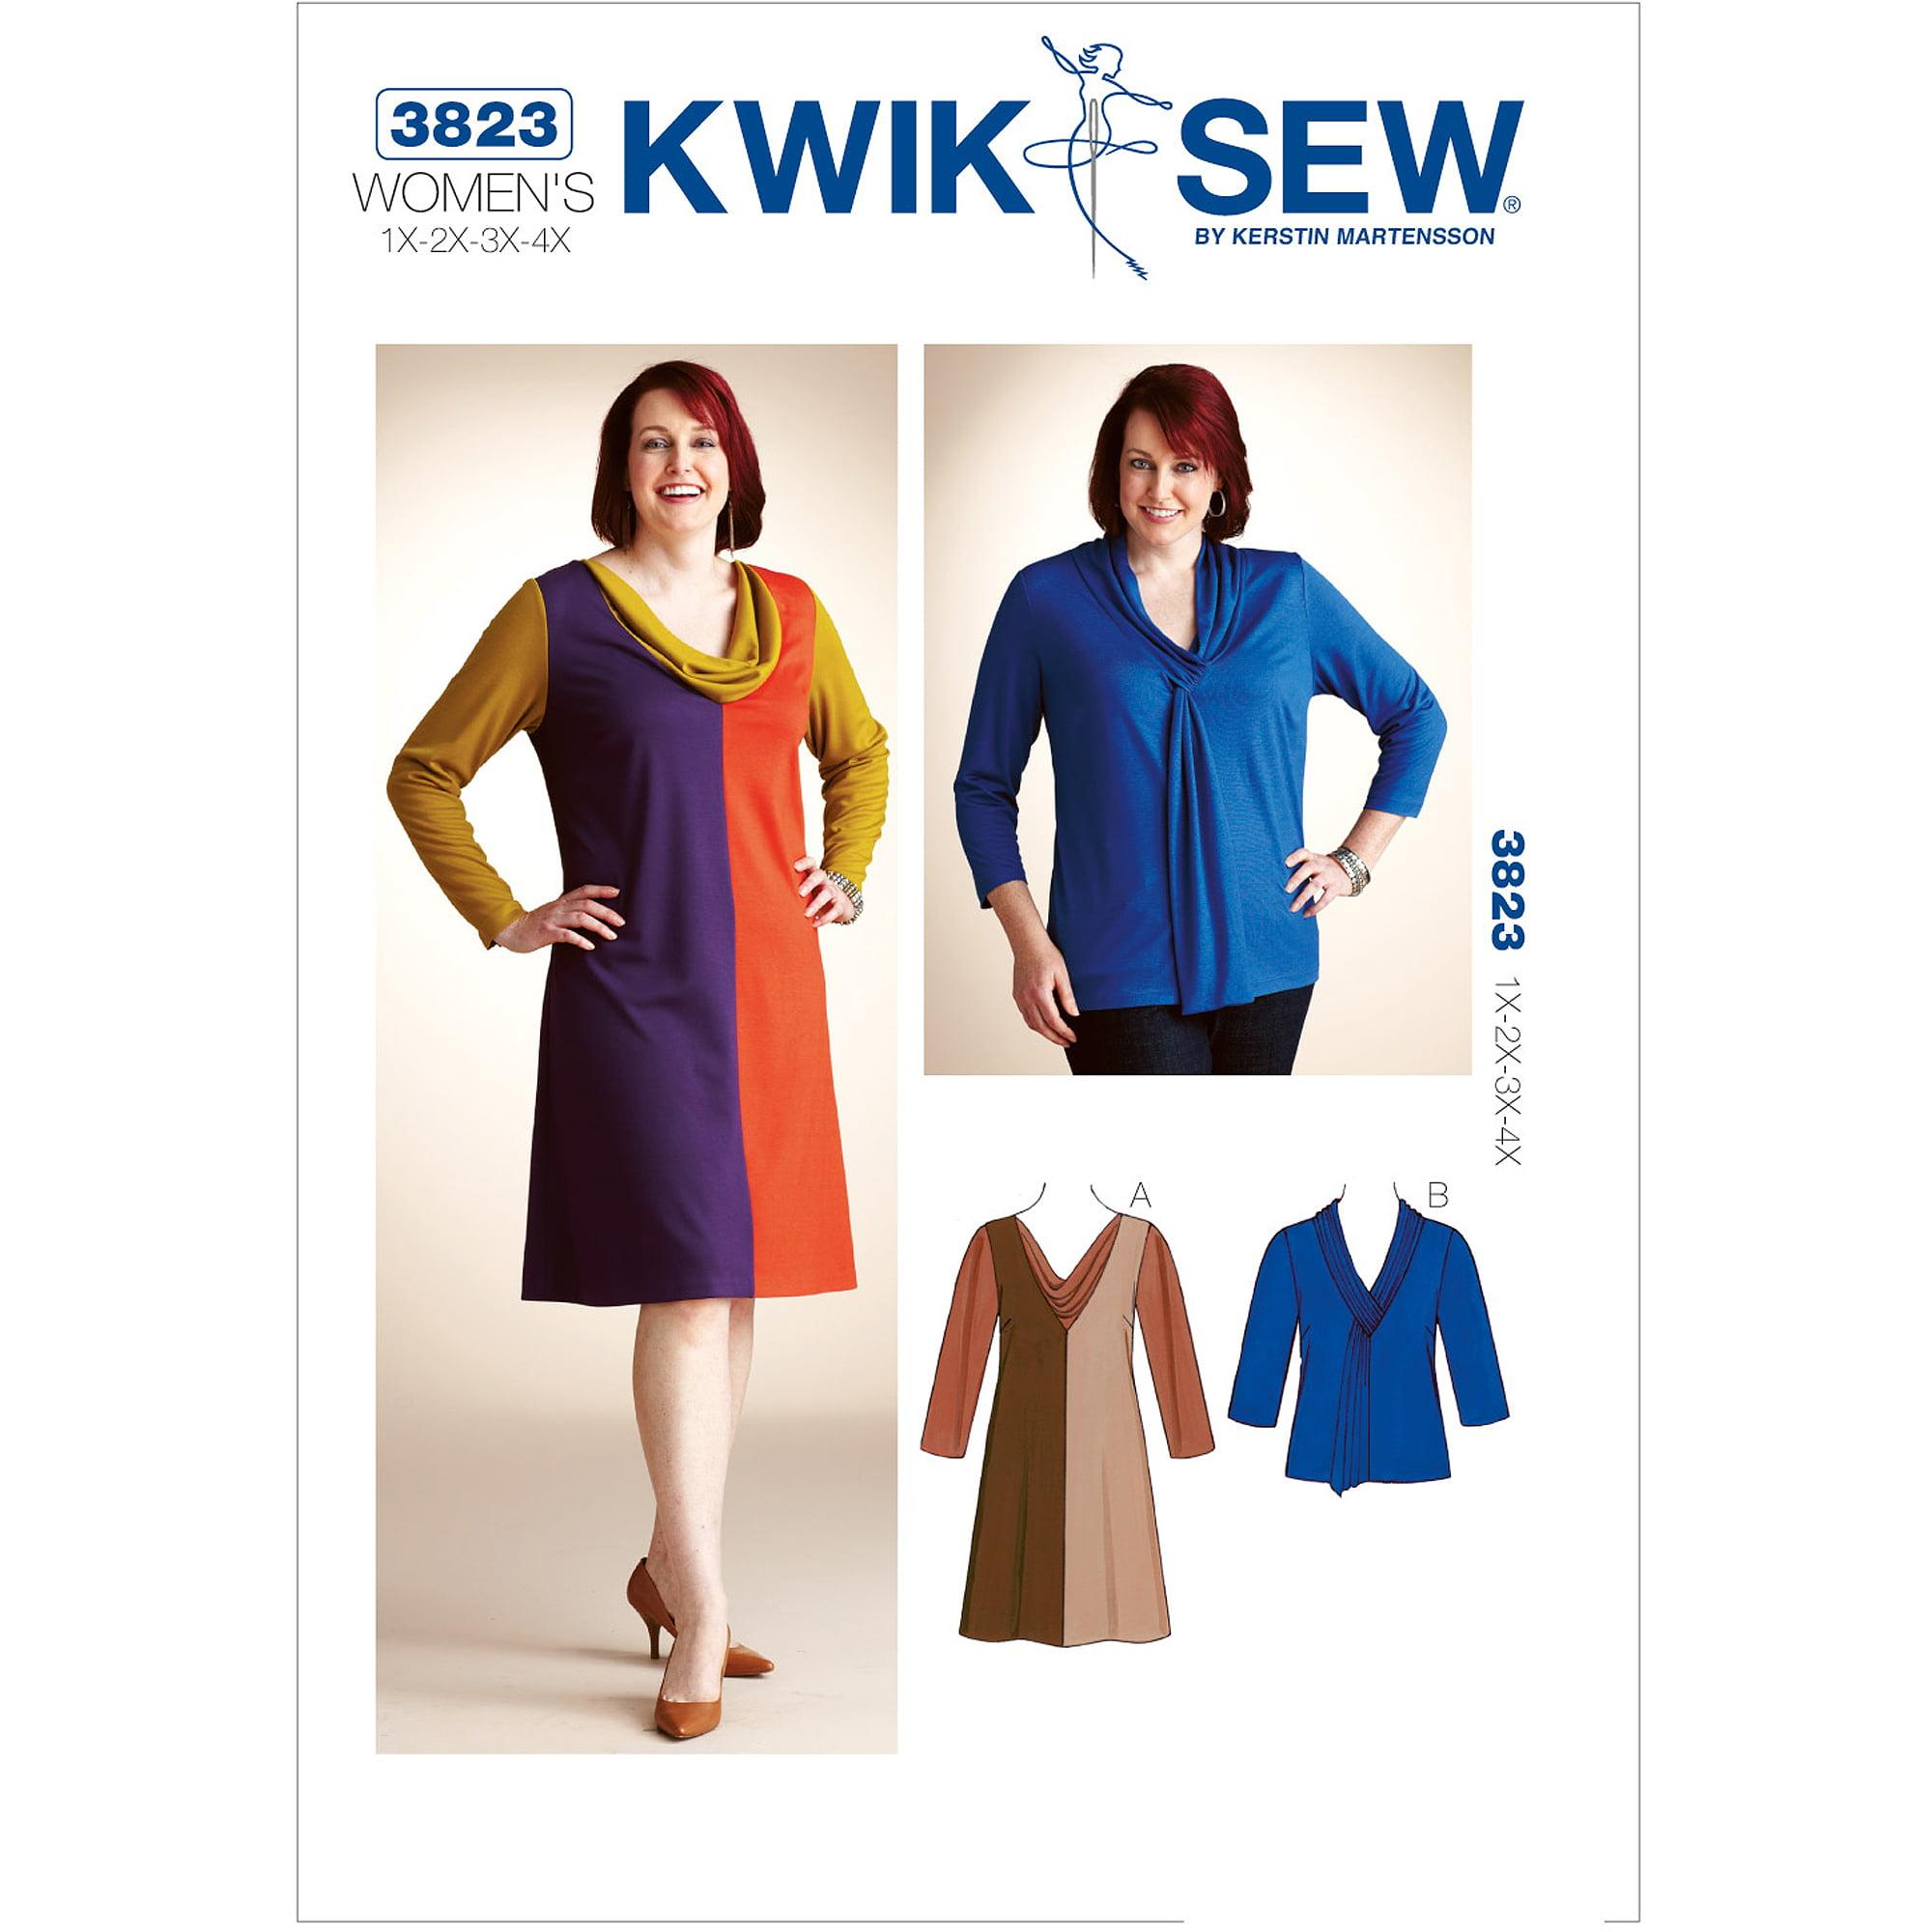 Kwik Sew Pattern Dress and Top, (1X, 2X, 3X, 4X)